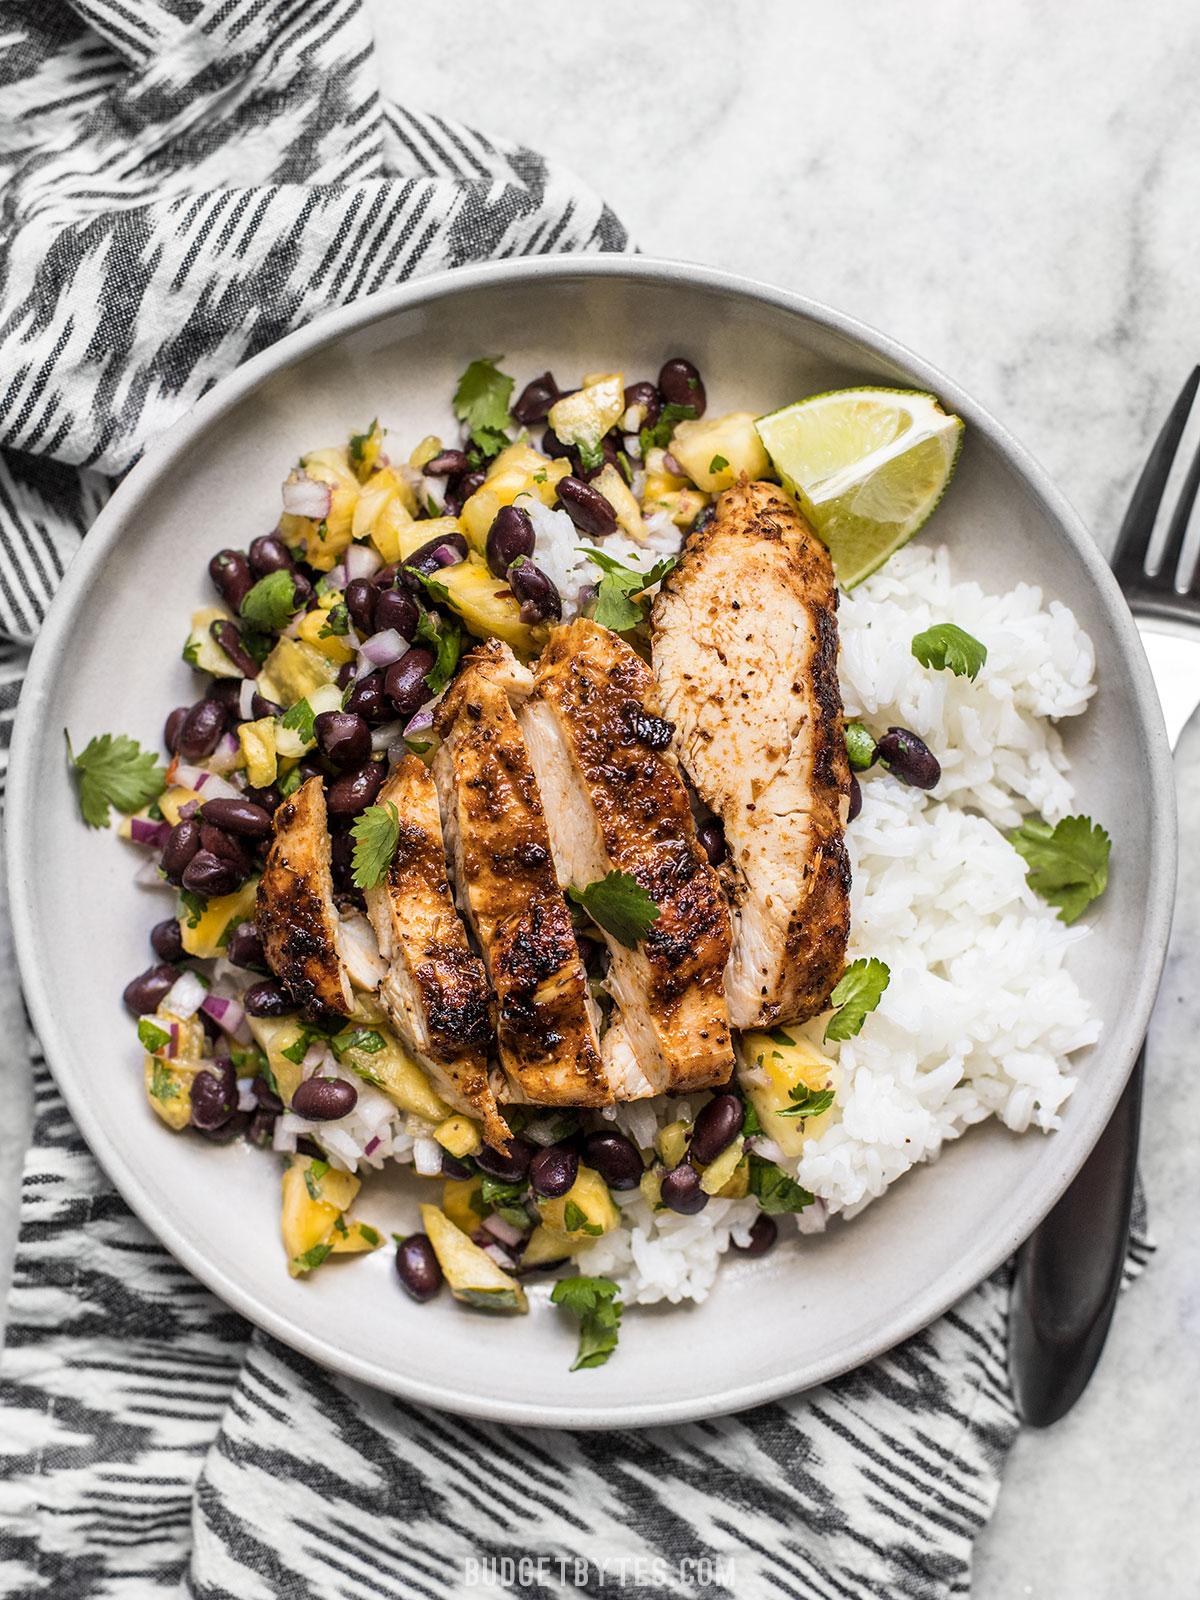 jerk chicken dinner recipe